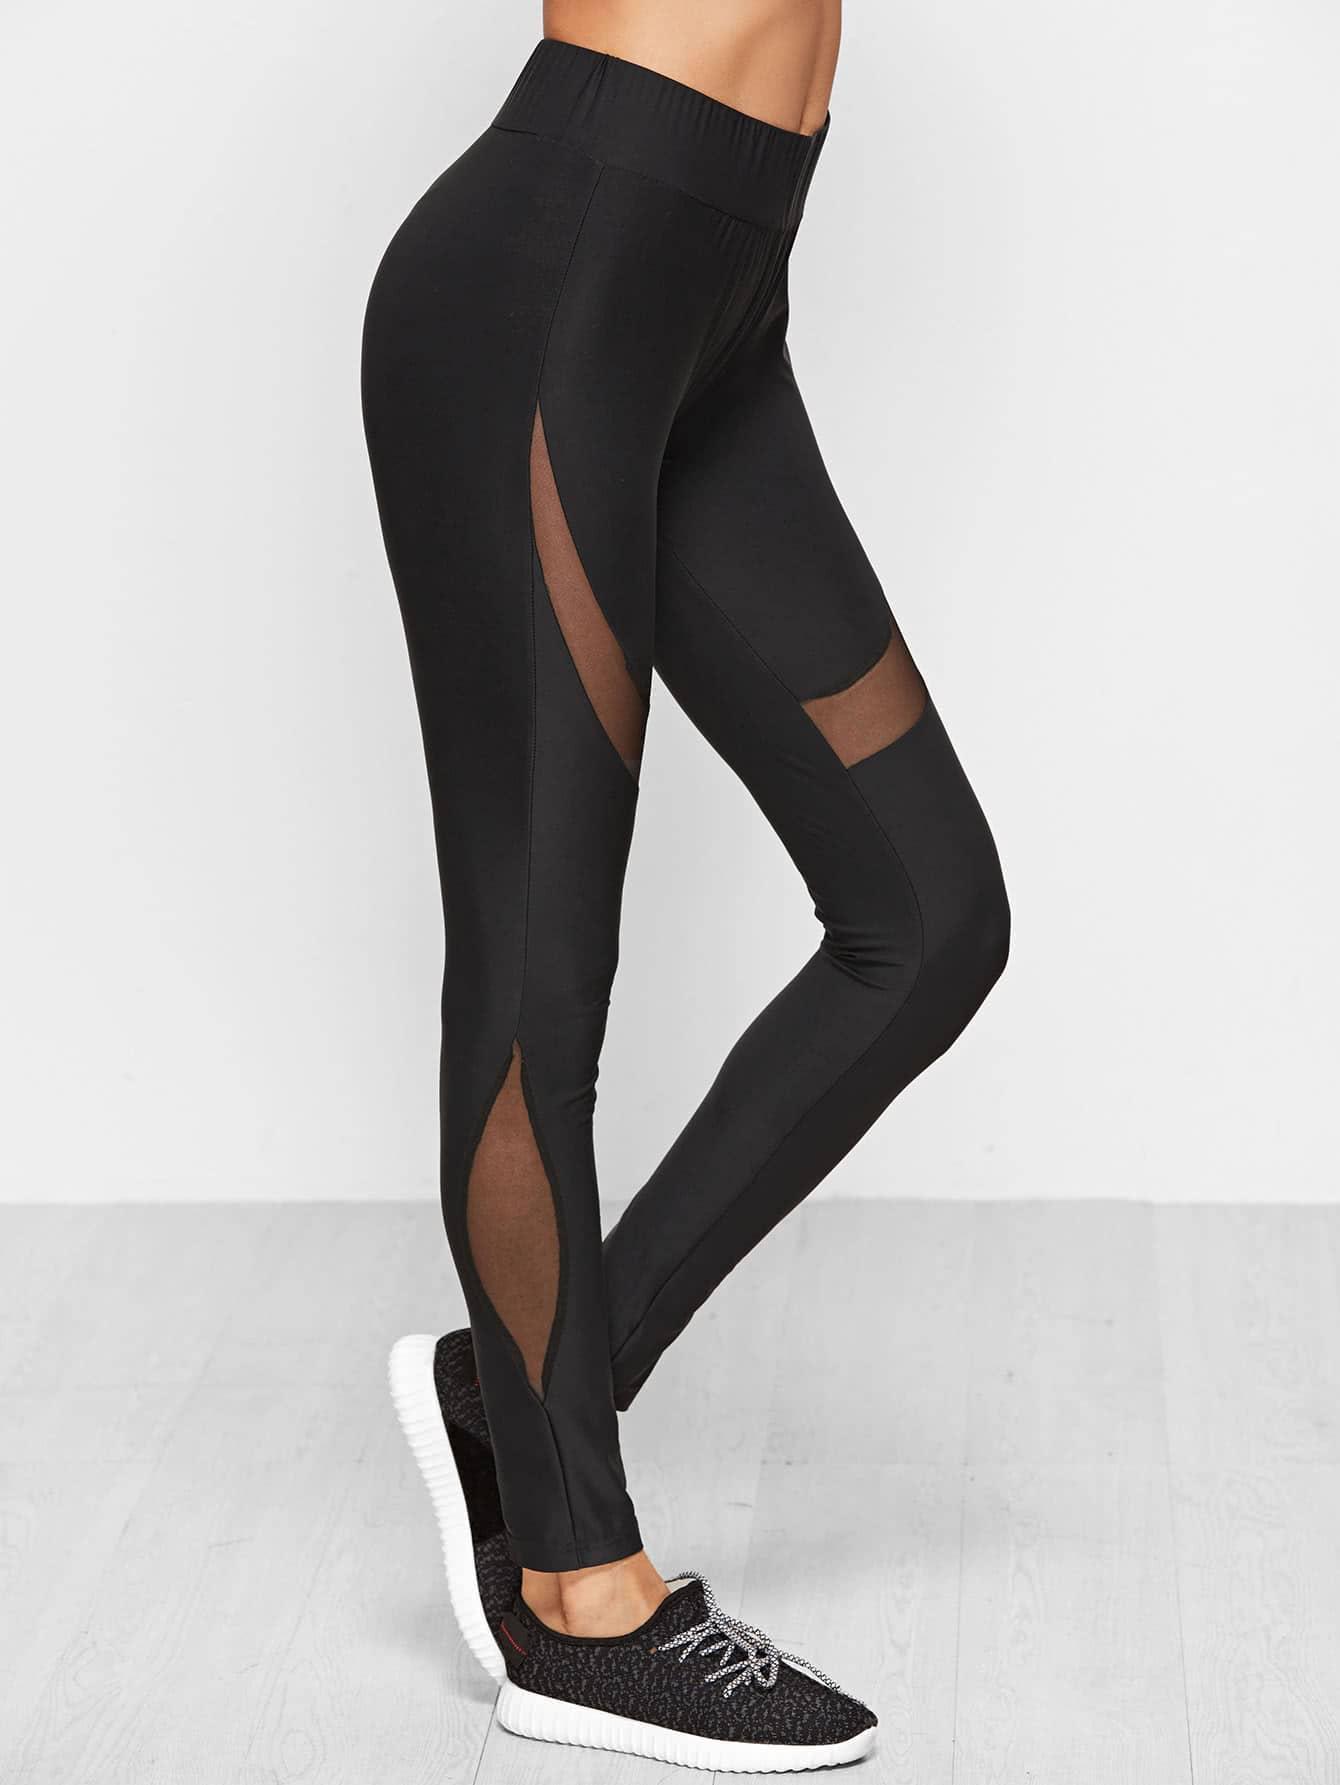 Black Wide Waistband Leggings With Mesh Panel leggings161206704